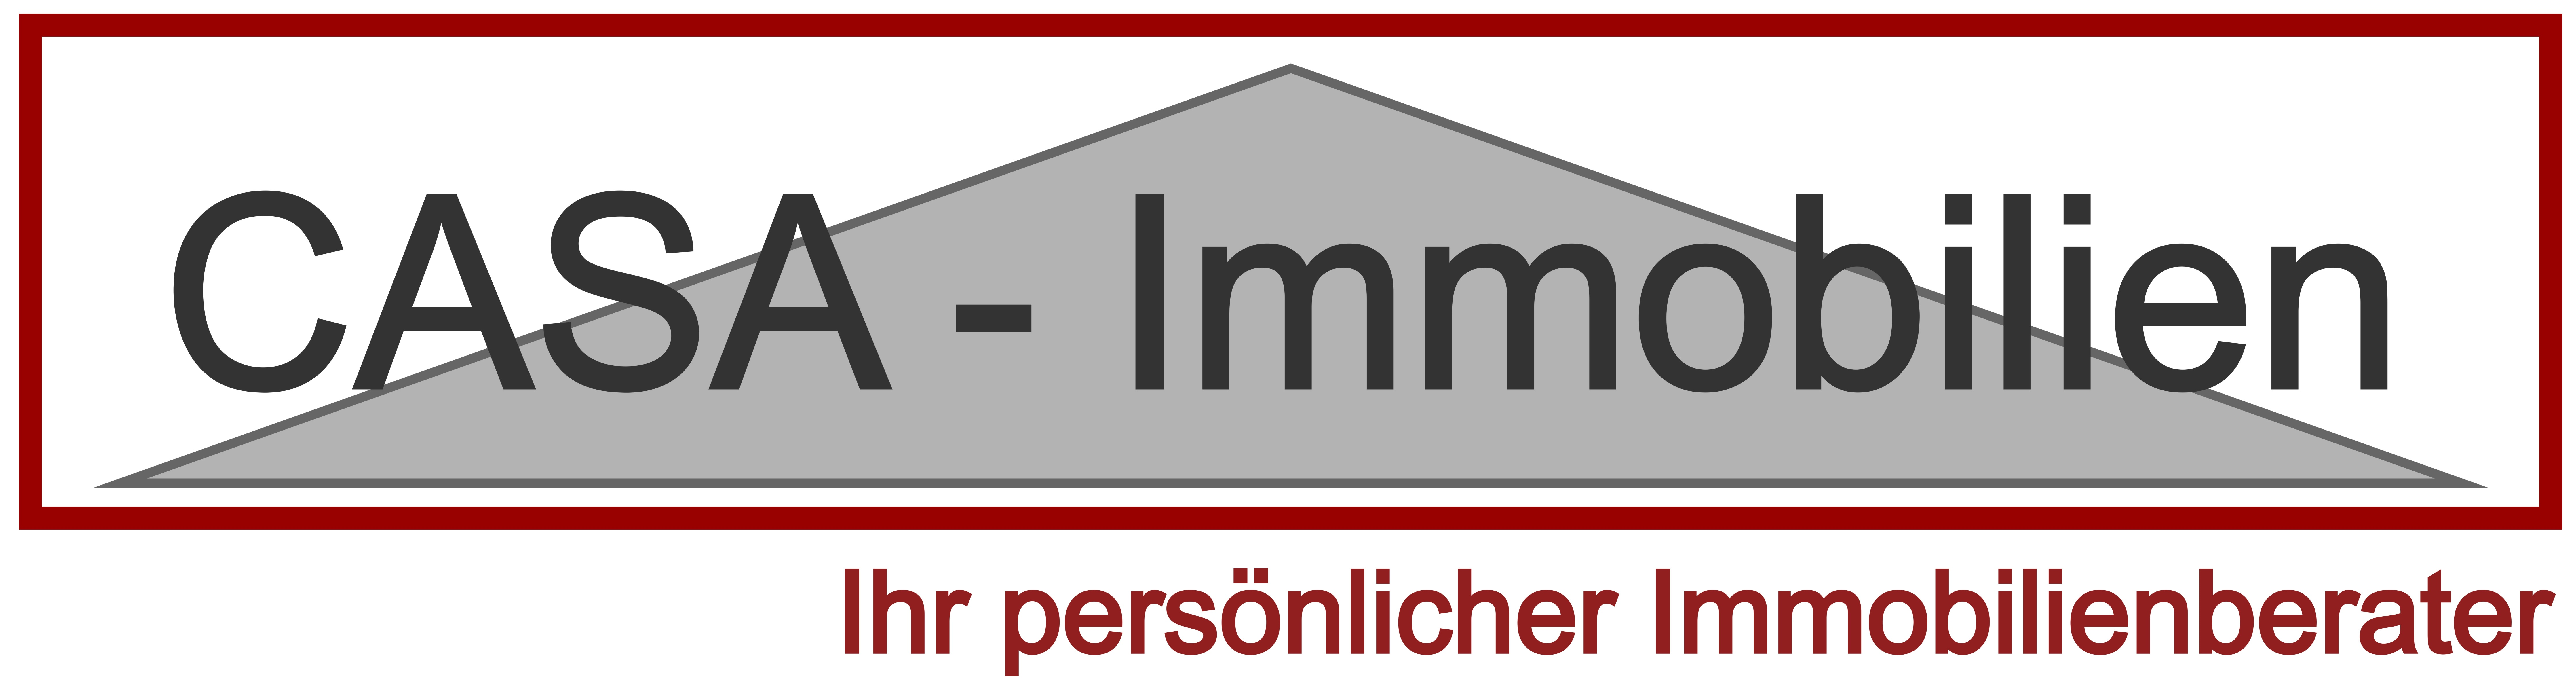 Hier sehen Sie das Logo von CASA-Immobilien